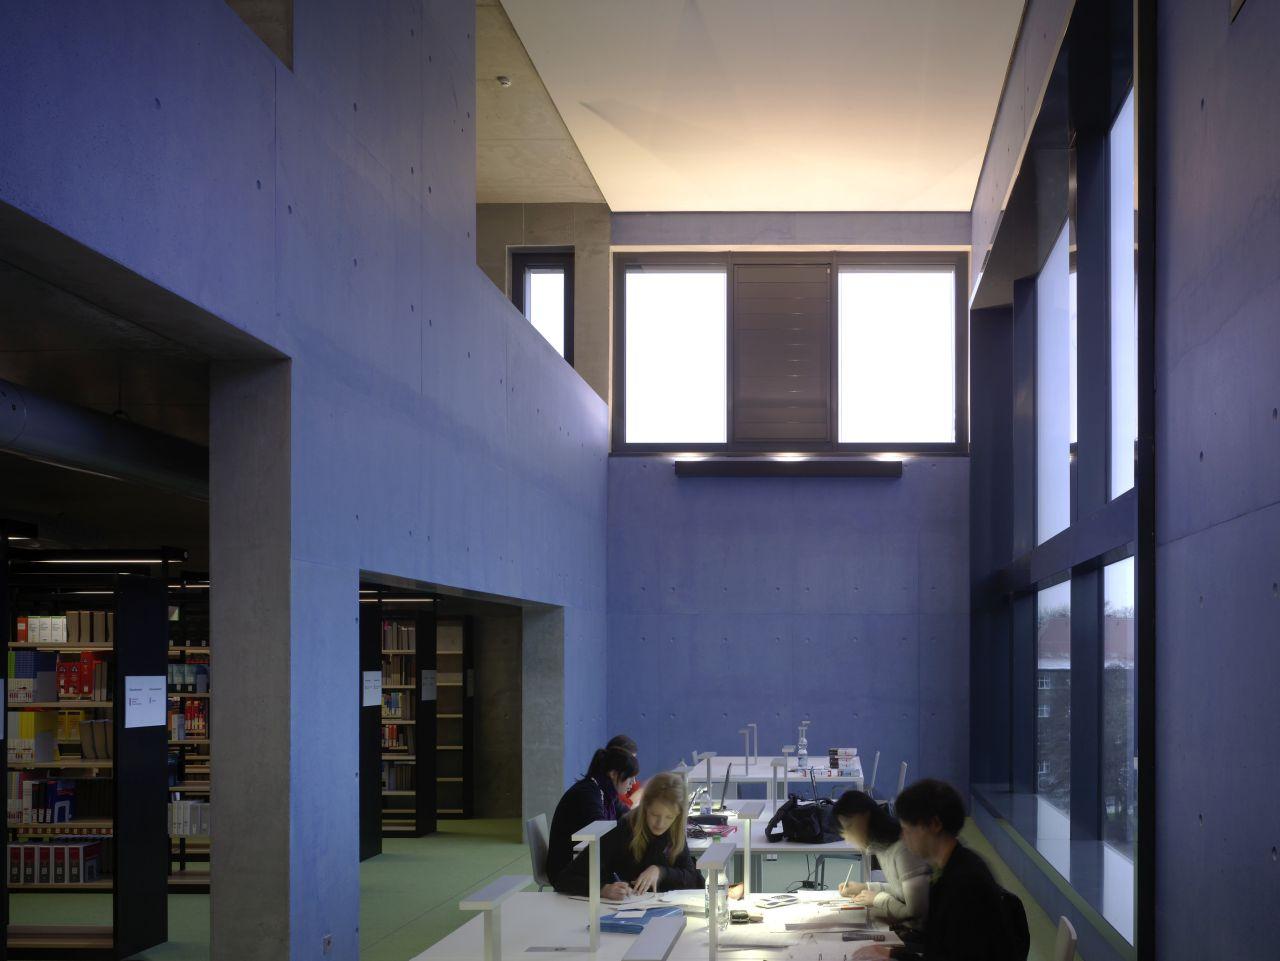 Library and media centre / Léon Wohlhage Wernik Architekten